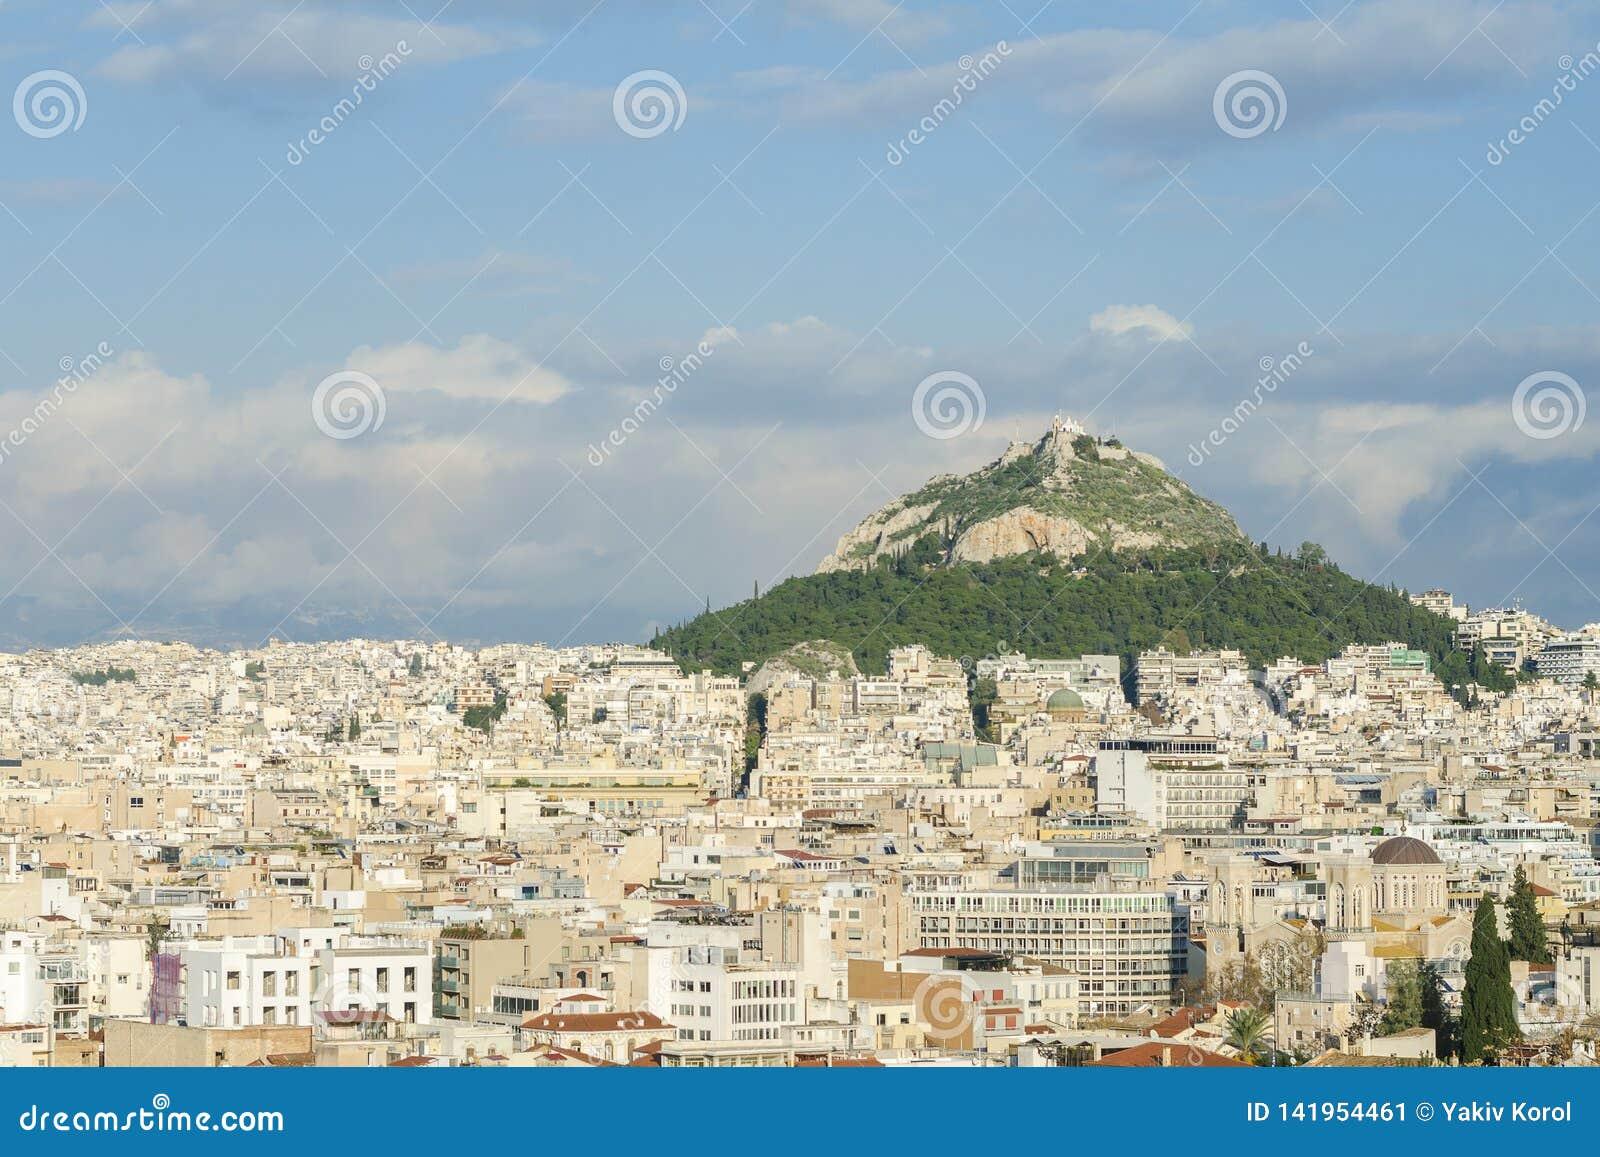 Vista della città di Atene e una grande montagna con un monastero sulla cima Bello cielo blu